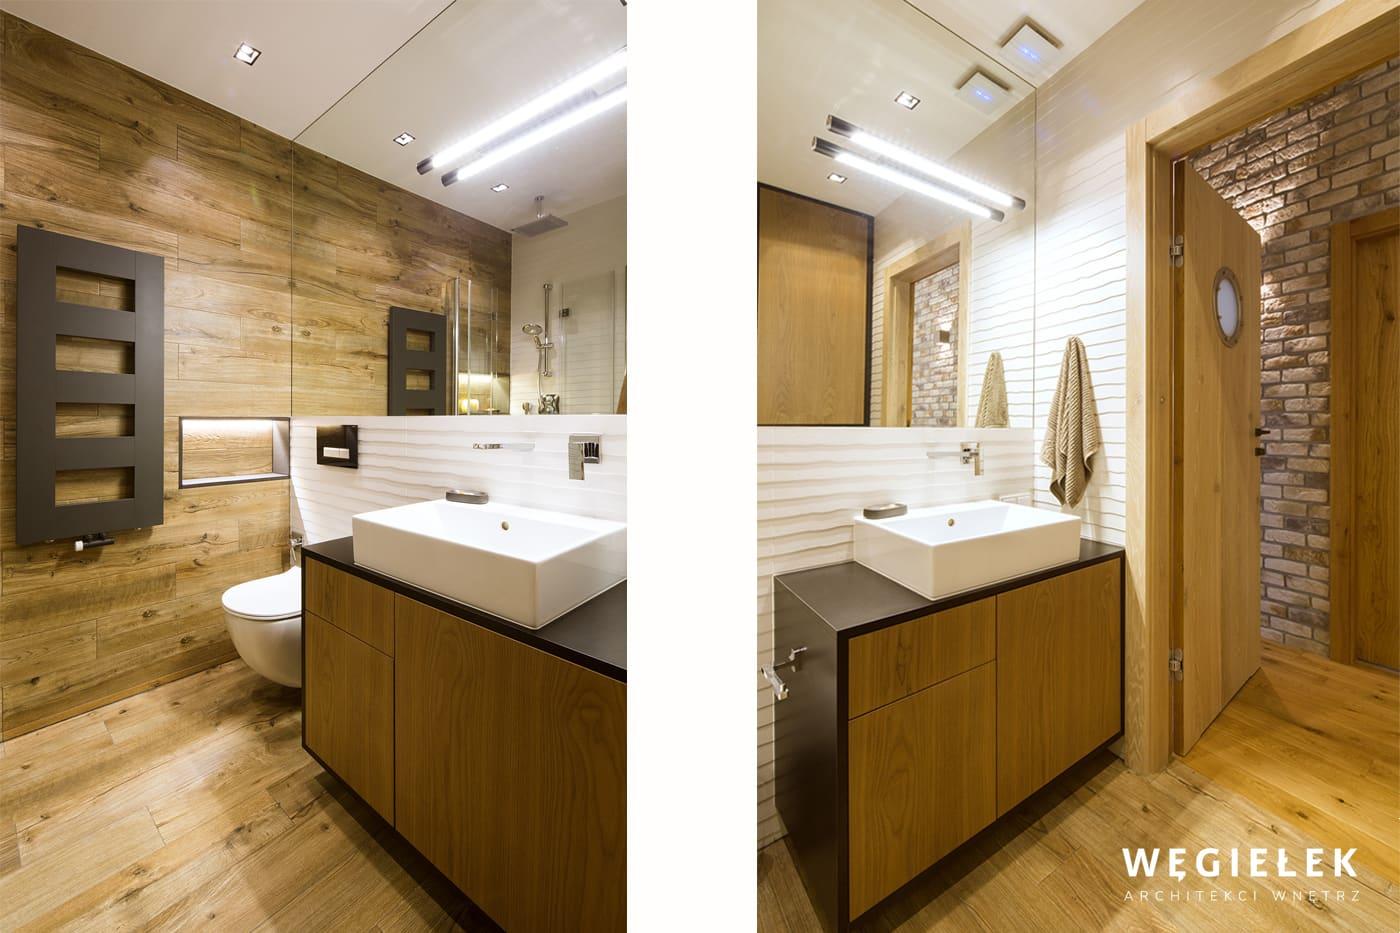 Projekt łazienki stworzony przez architektów wnętrz nadaje morski klimat mieszkaniu. Dominuje w niej drewno, czujemy się jak na statku i ten bulaj w drzwiach.